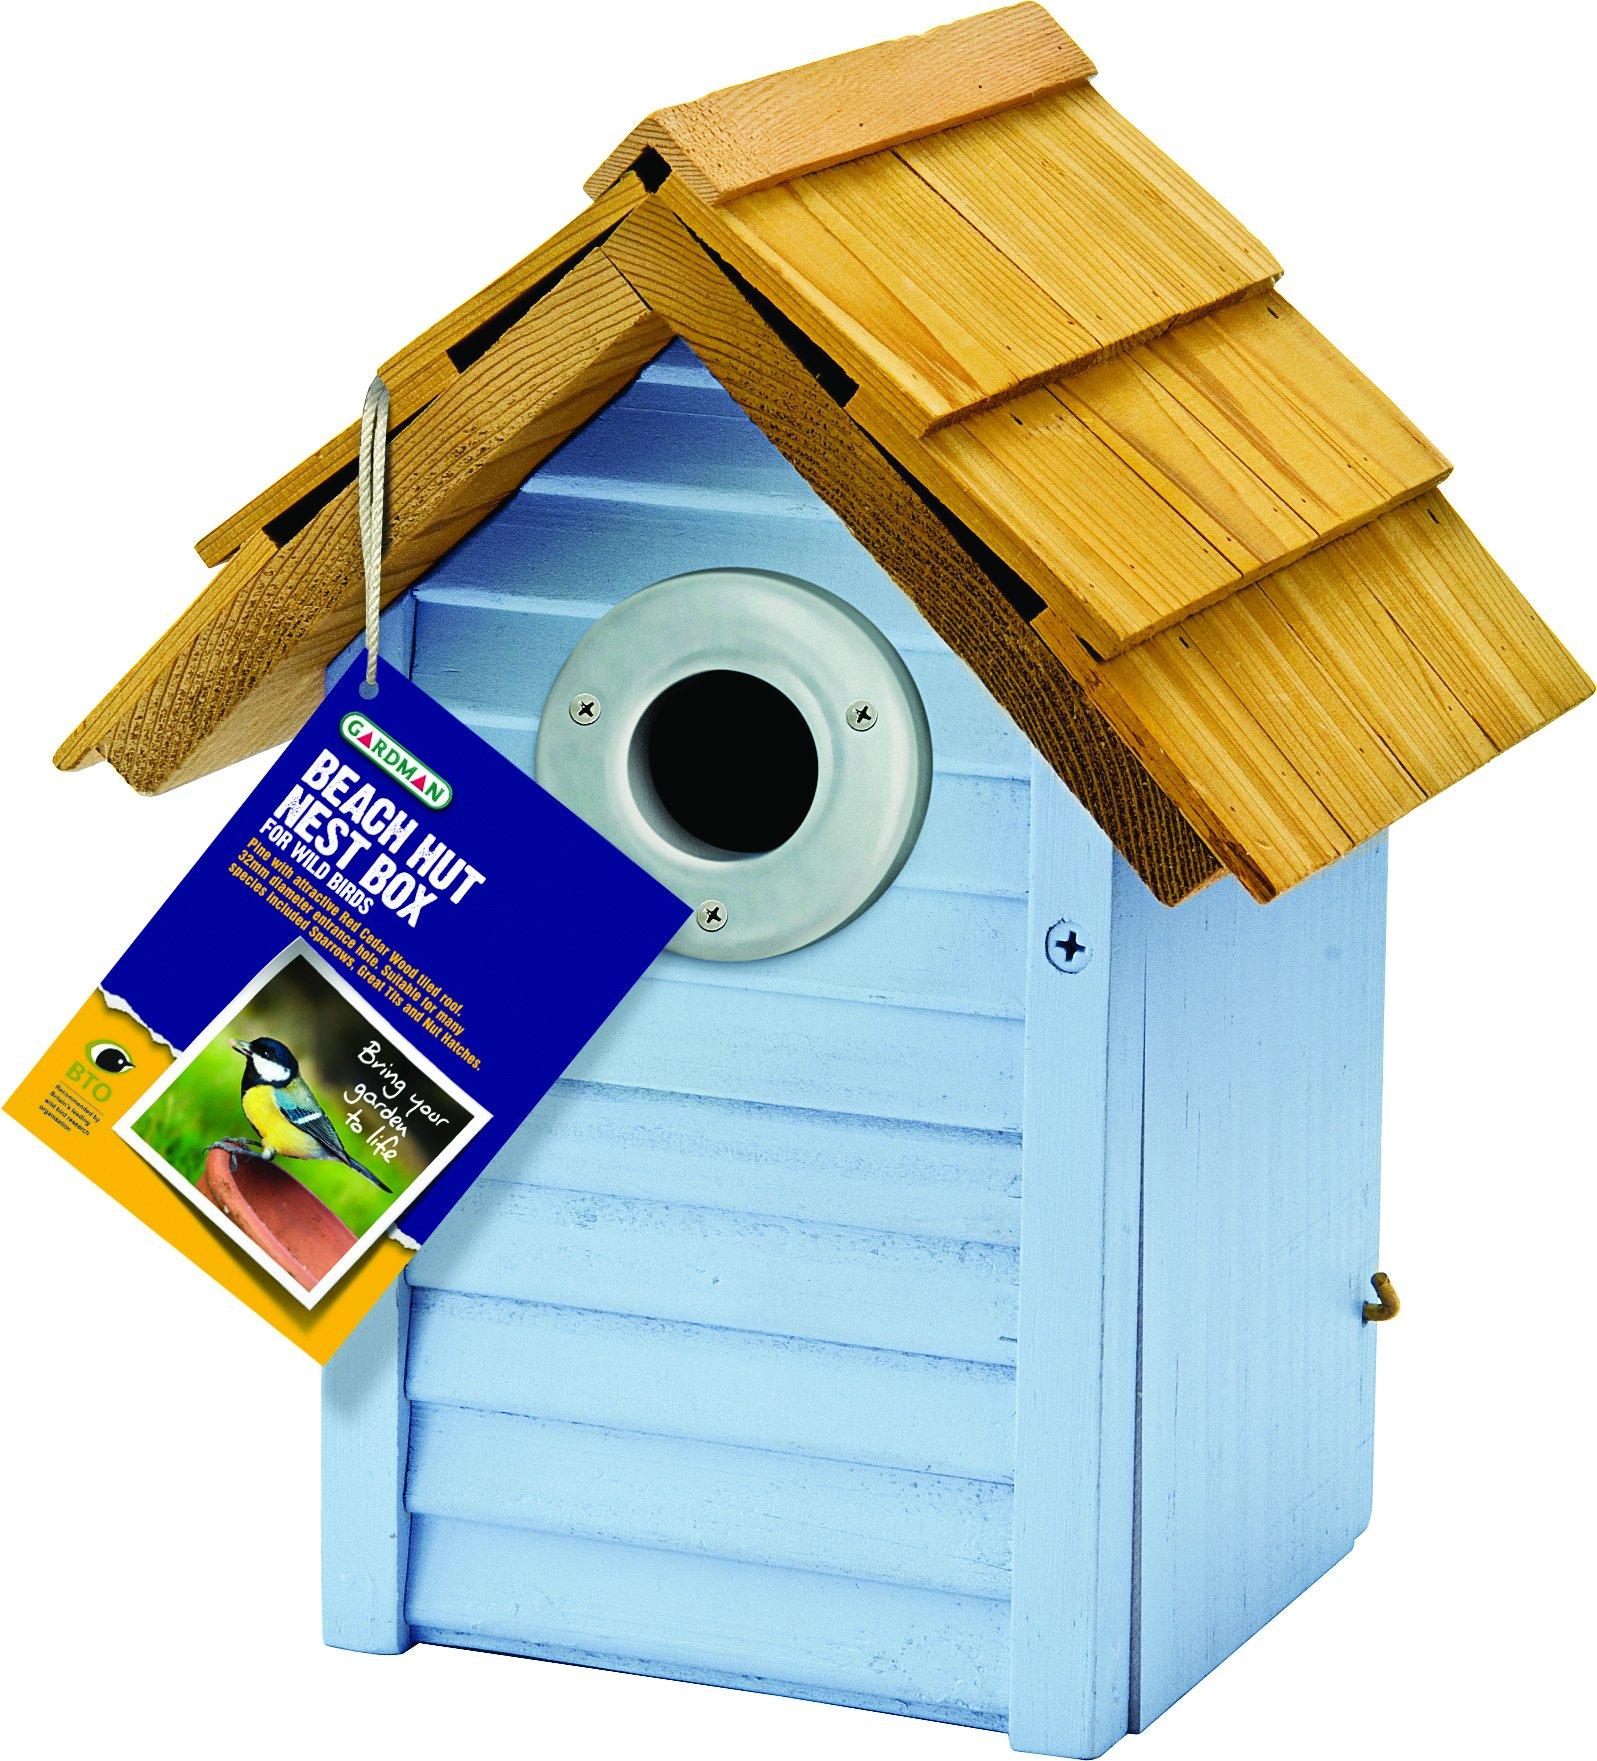 Gardman BA01681 Beach Hut Nest Box, Blue by Gardman